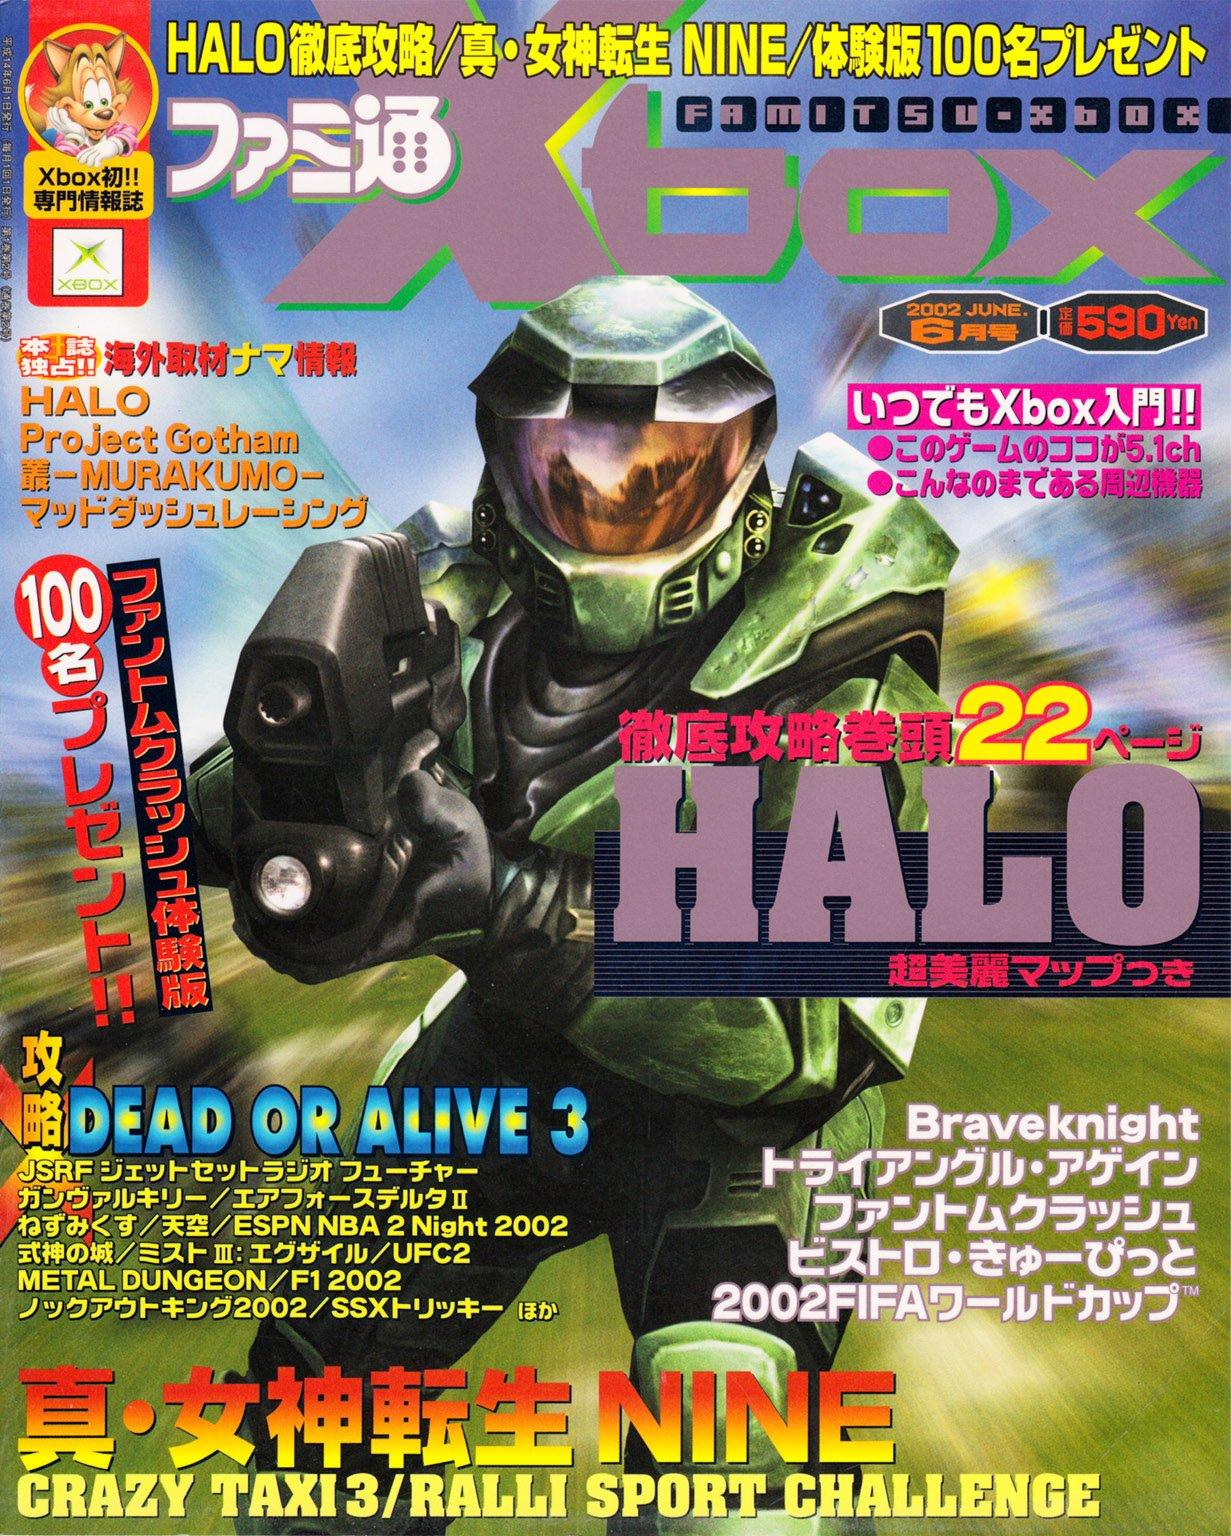 Famitsu Xbox Issue 004 (June 2002)